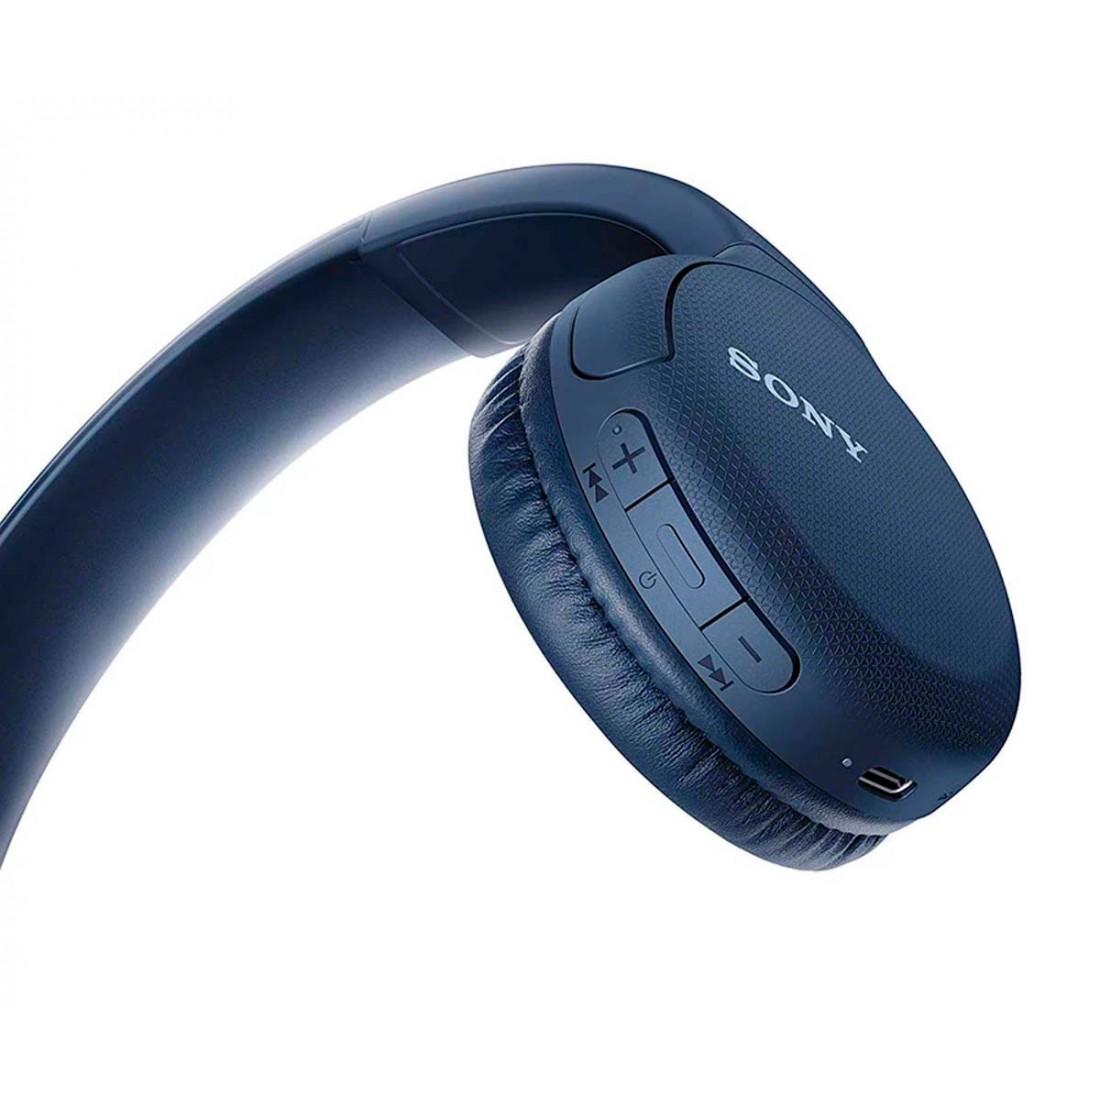 Auriculares inalámbricos SONY WH-CH510, bluetooth, color AZUL